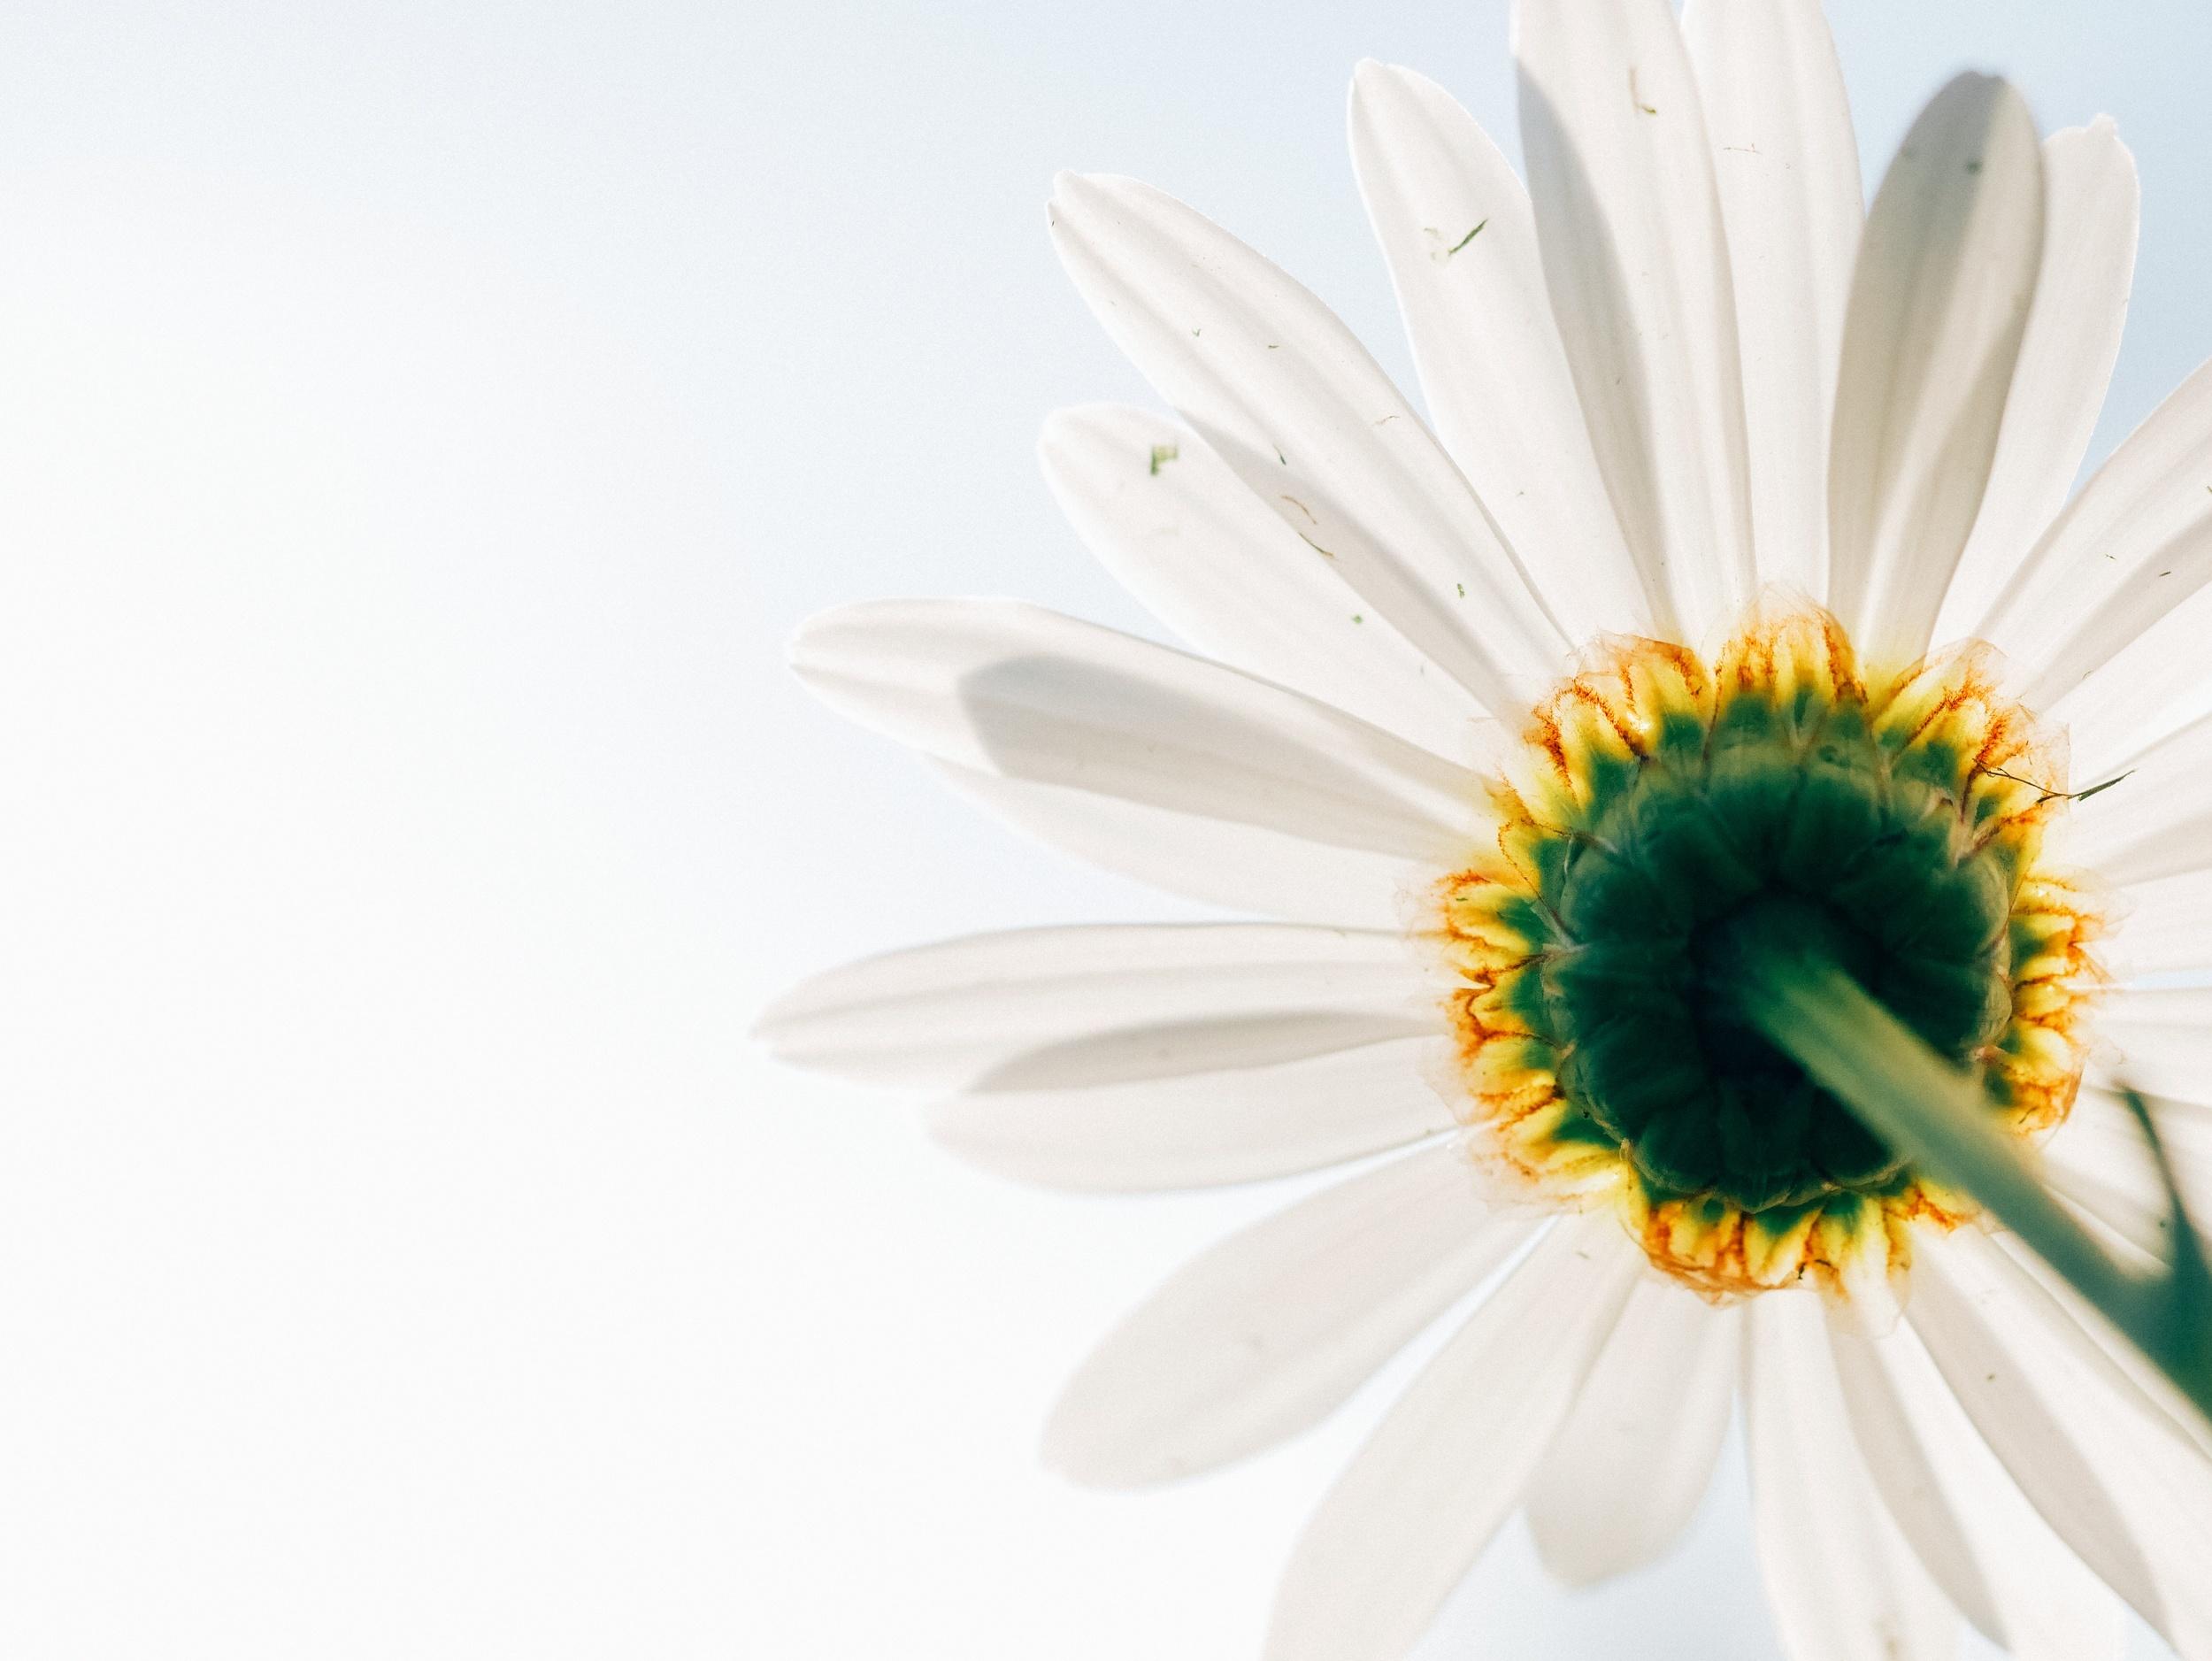 unsp.flowerunder.jpg